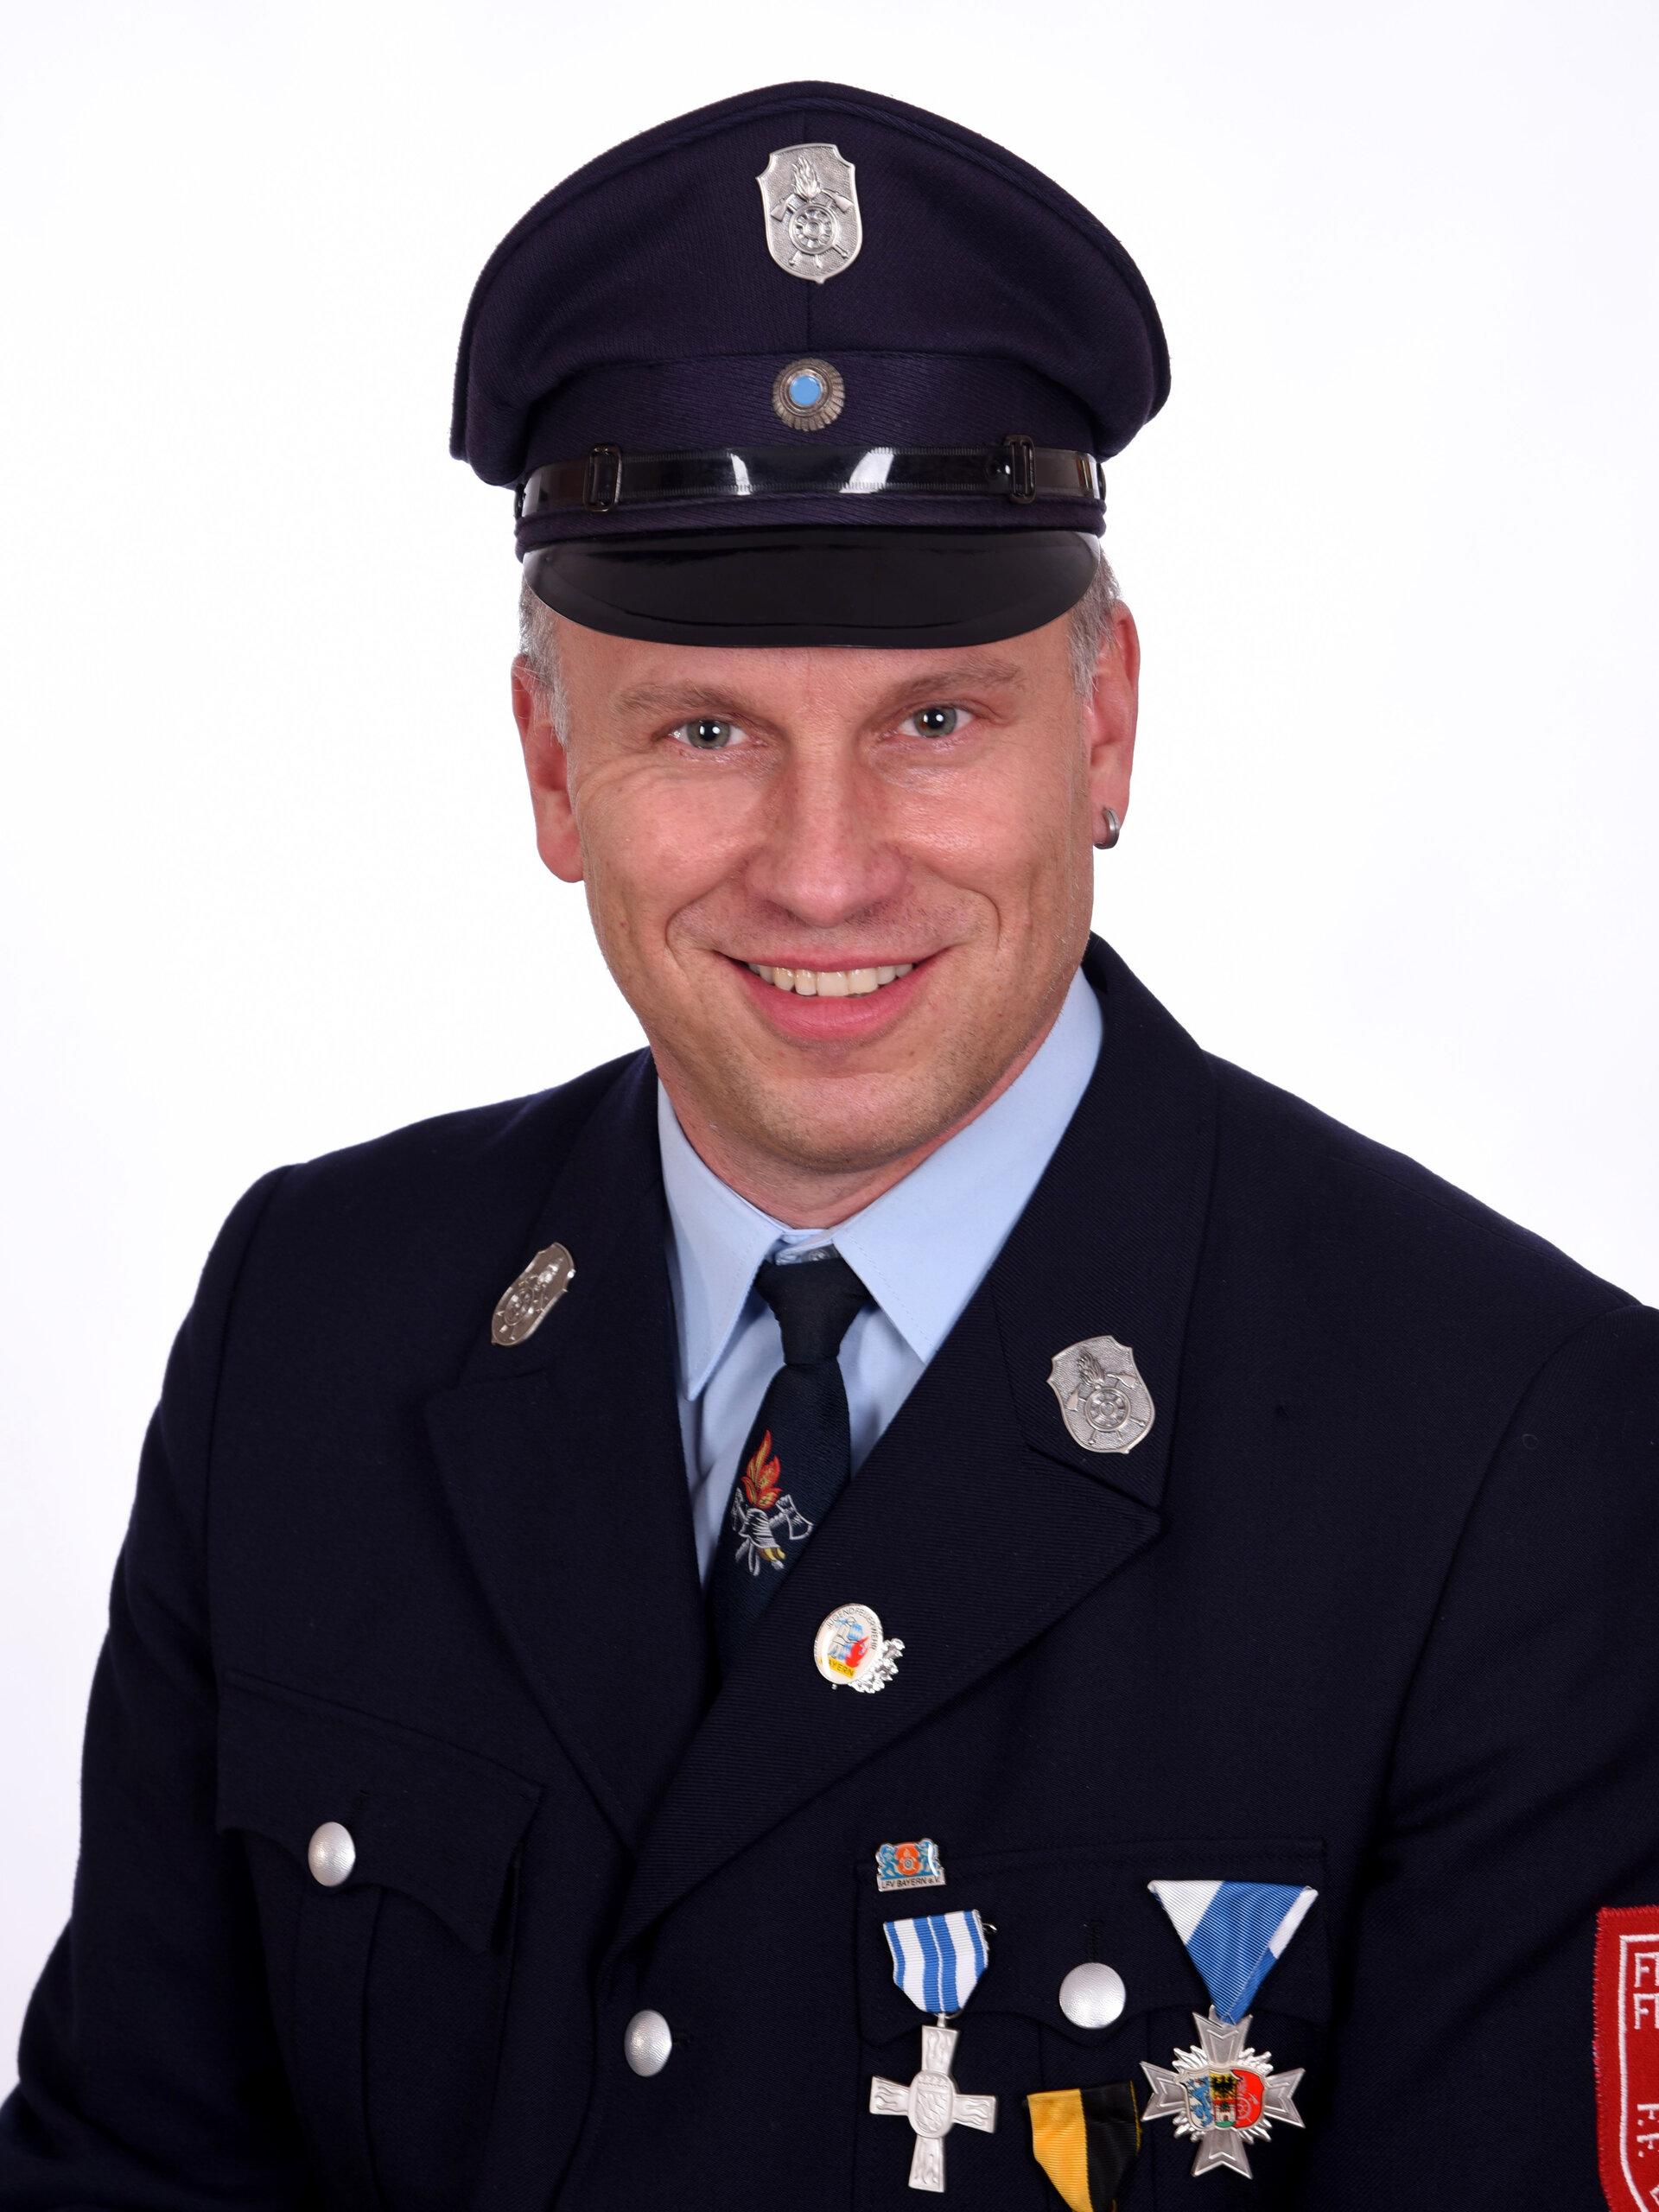 Thomas Bichler